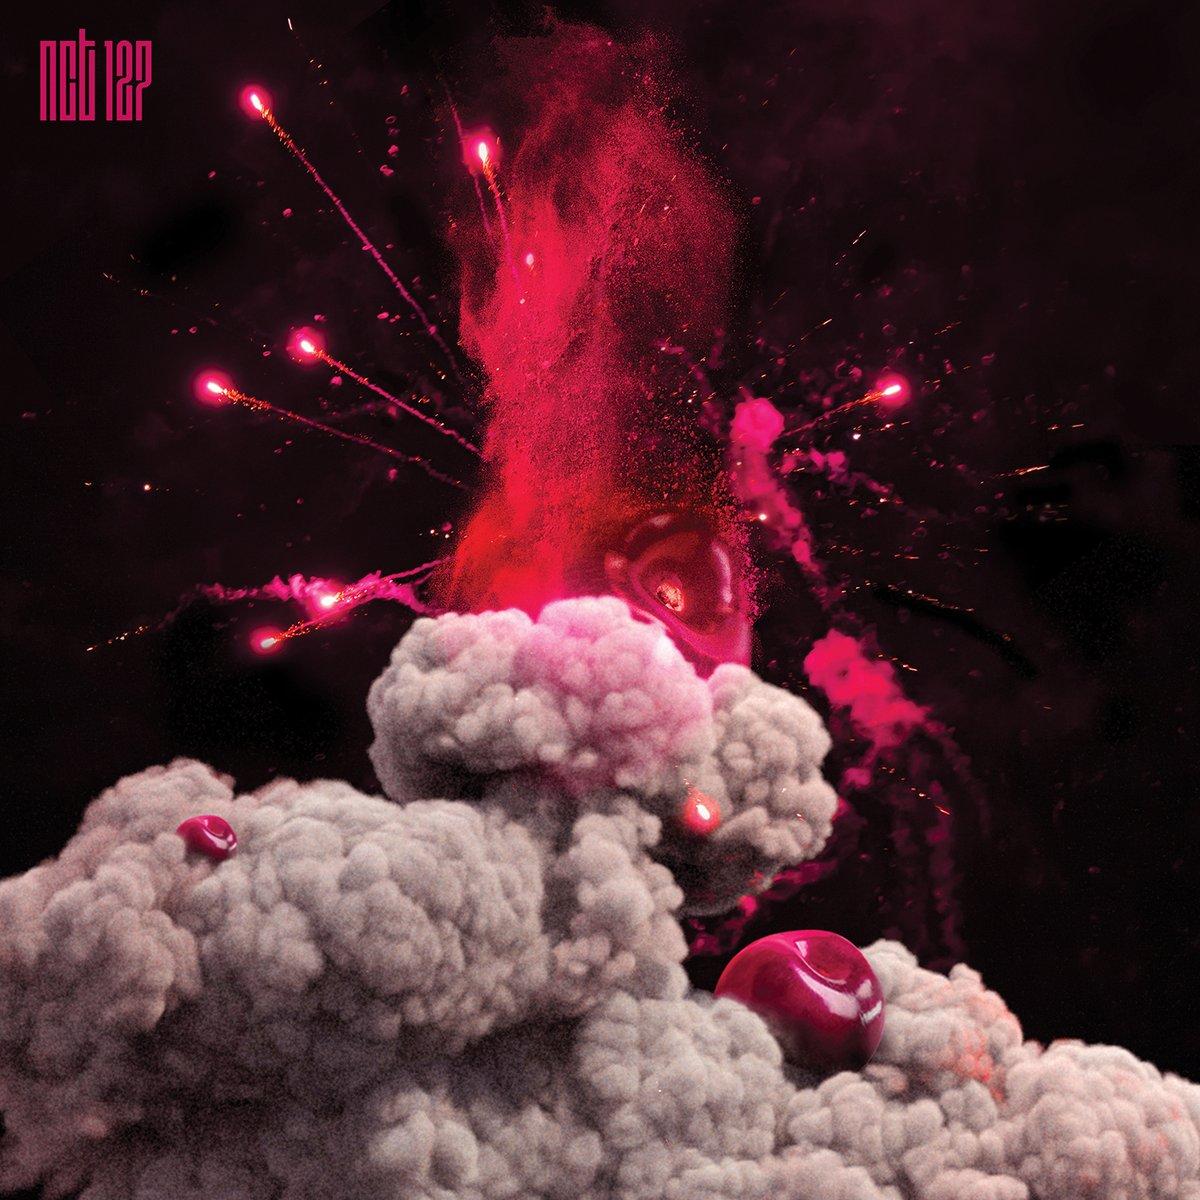 Imagini pentru nct #127 cherry bomb the 3rd mini album